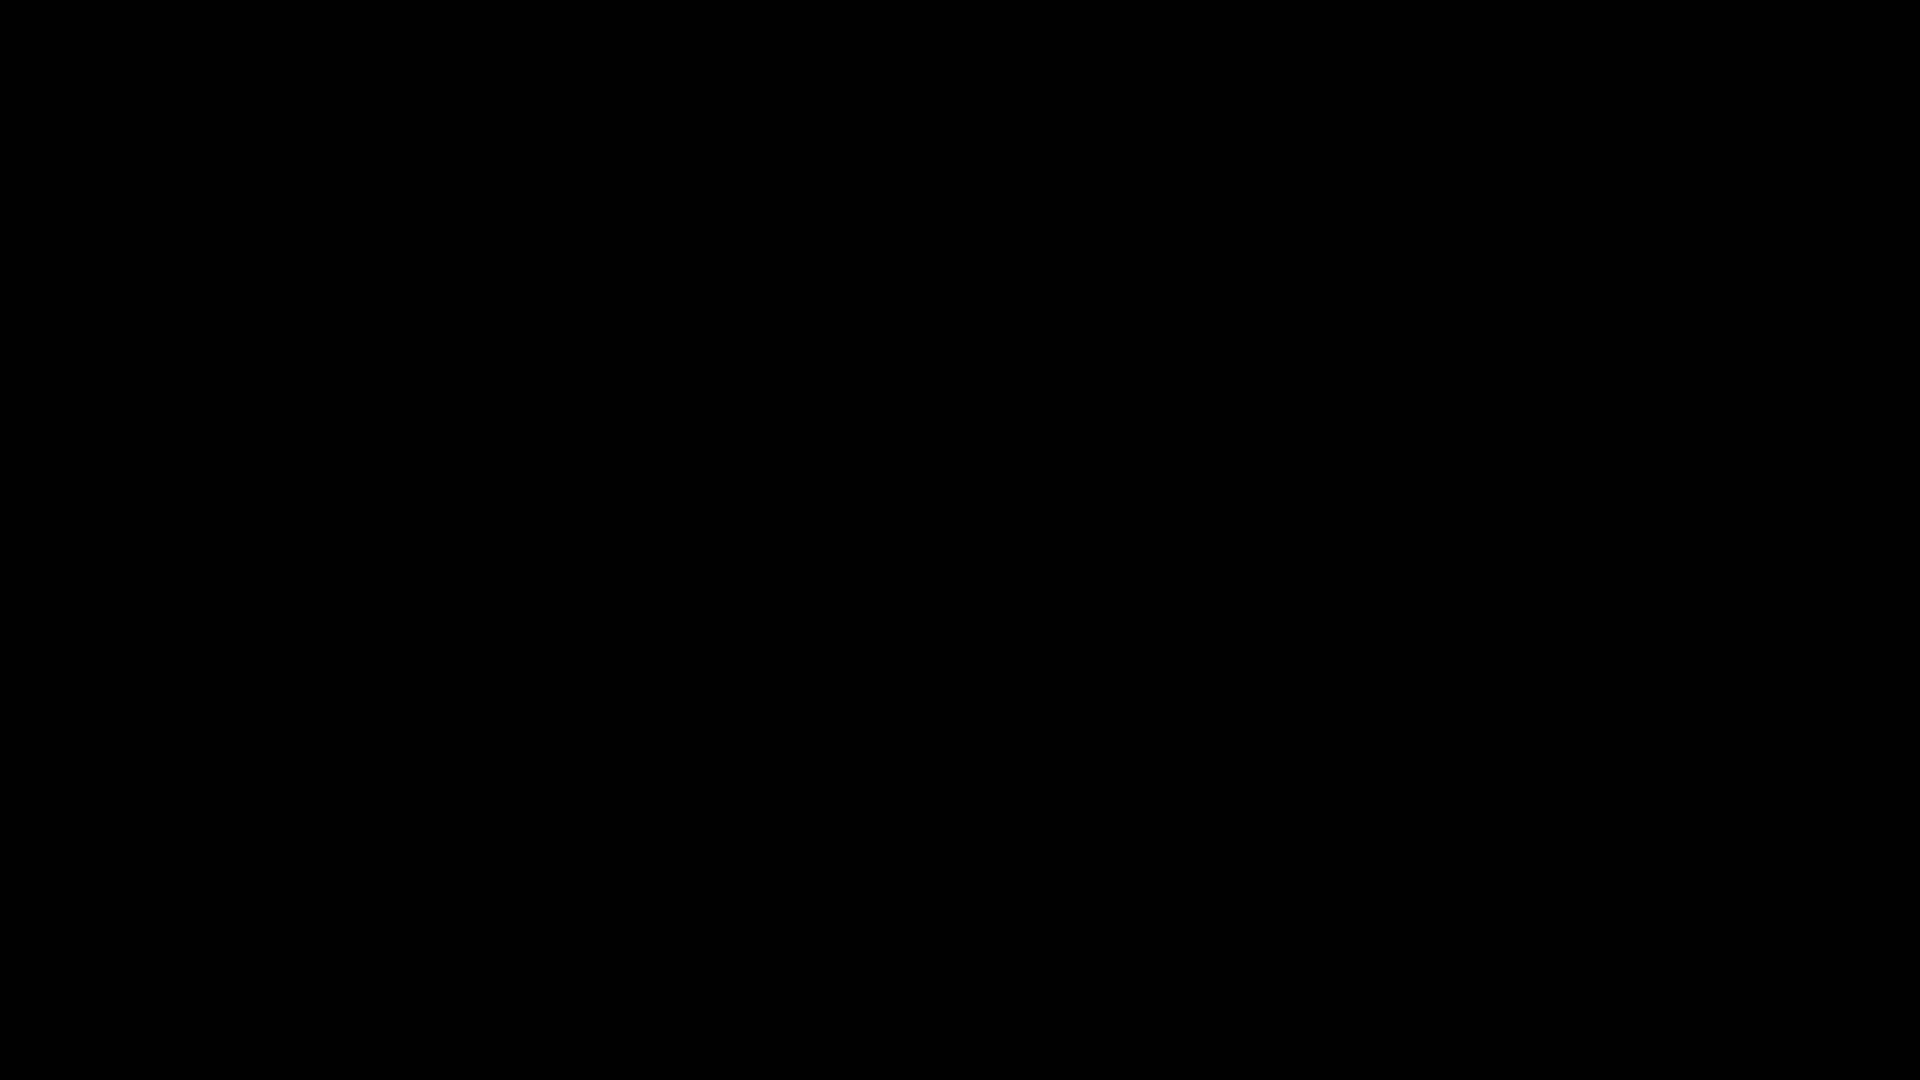 《热血传奇》二十周年系列微电影·完整篇